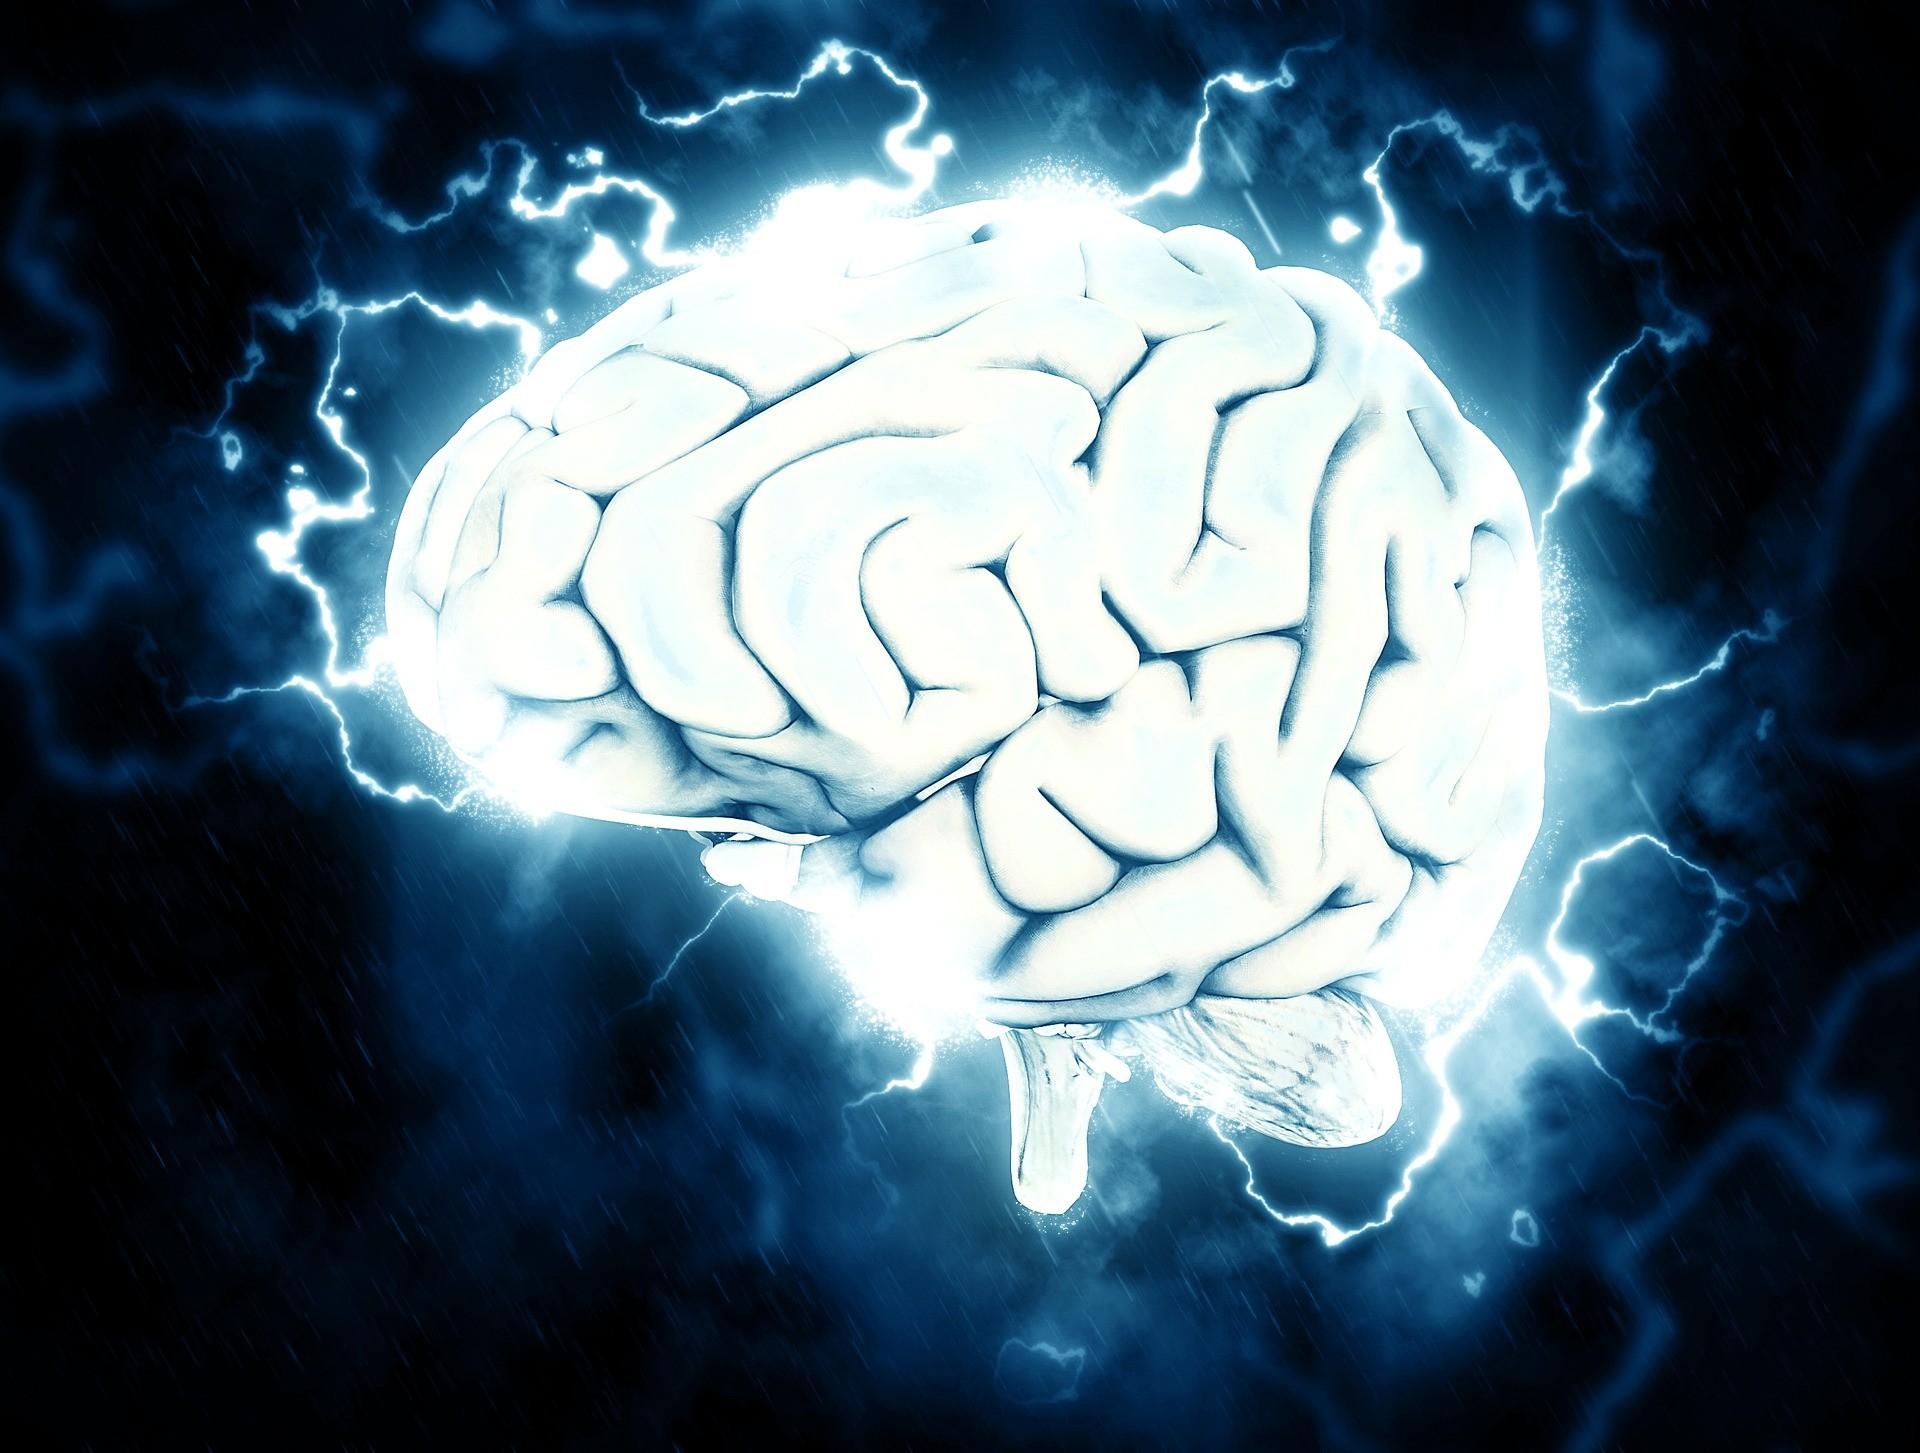 Pesquisadores da Universidade de New South Wales apontam que nossas escolhas são feitas por atividades cerebrais pré-existentes (Foto: Pixabay )